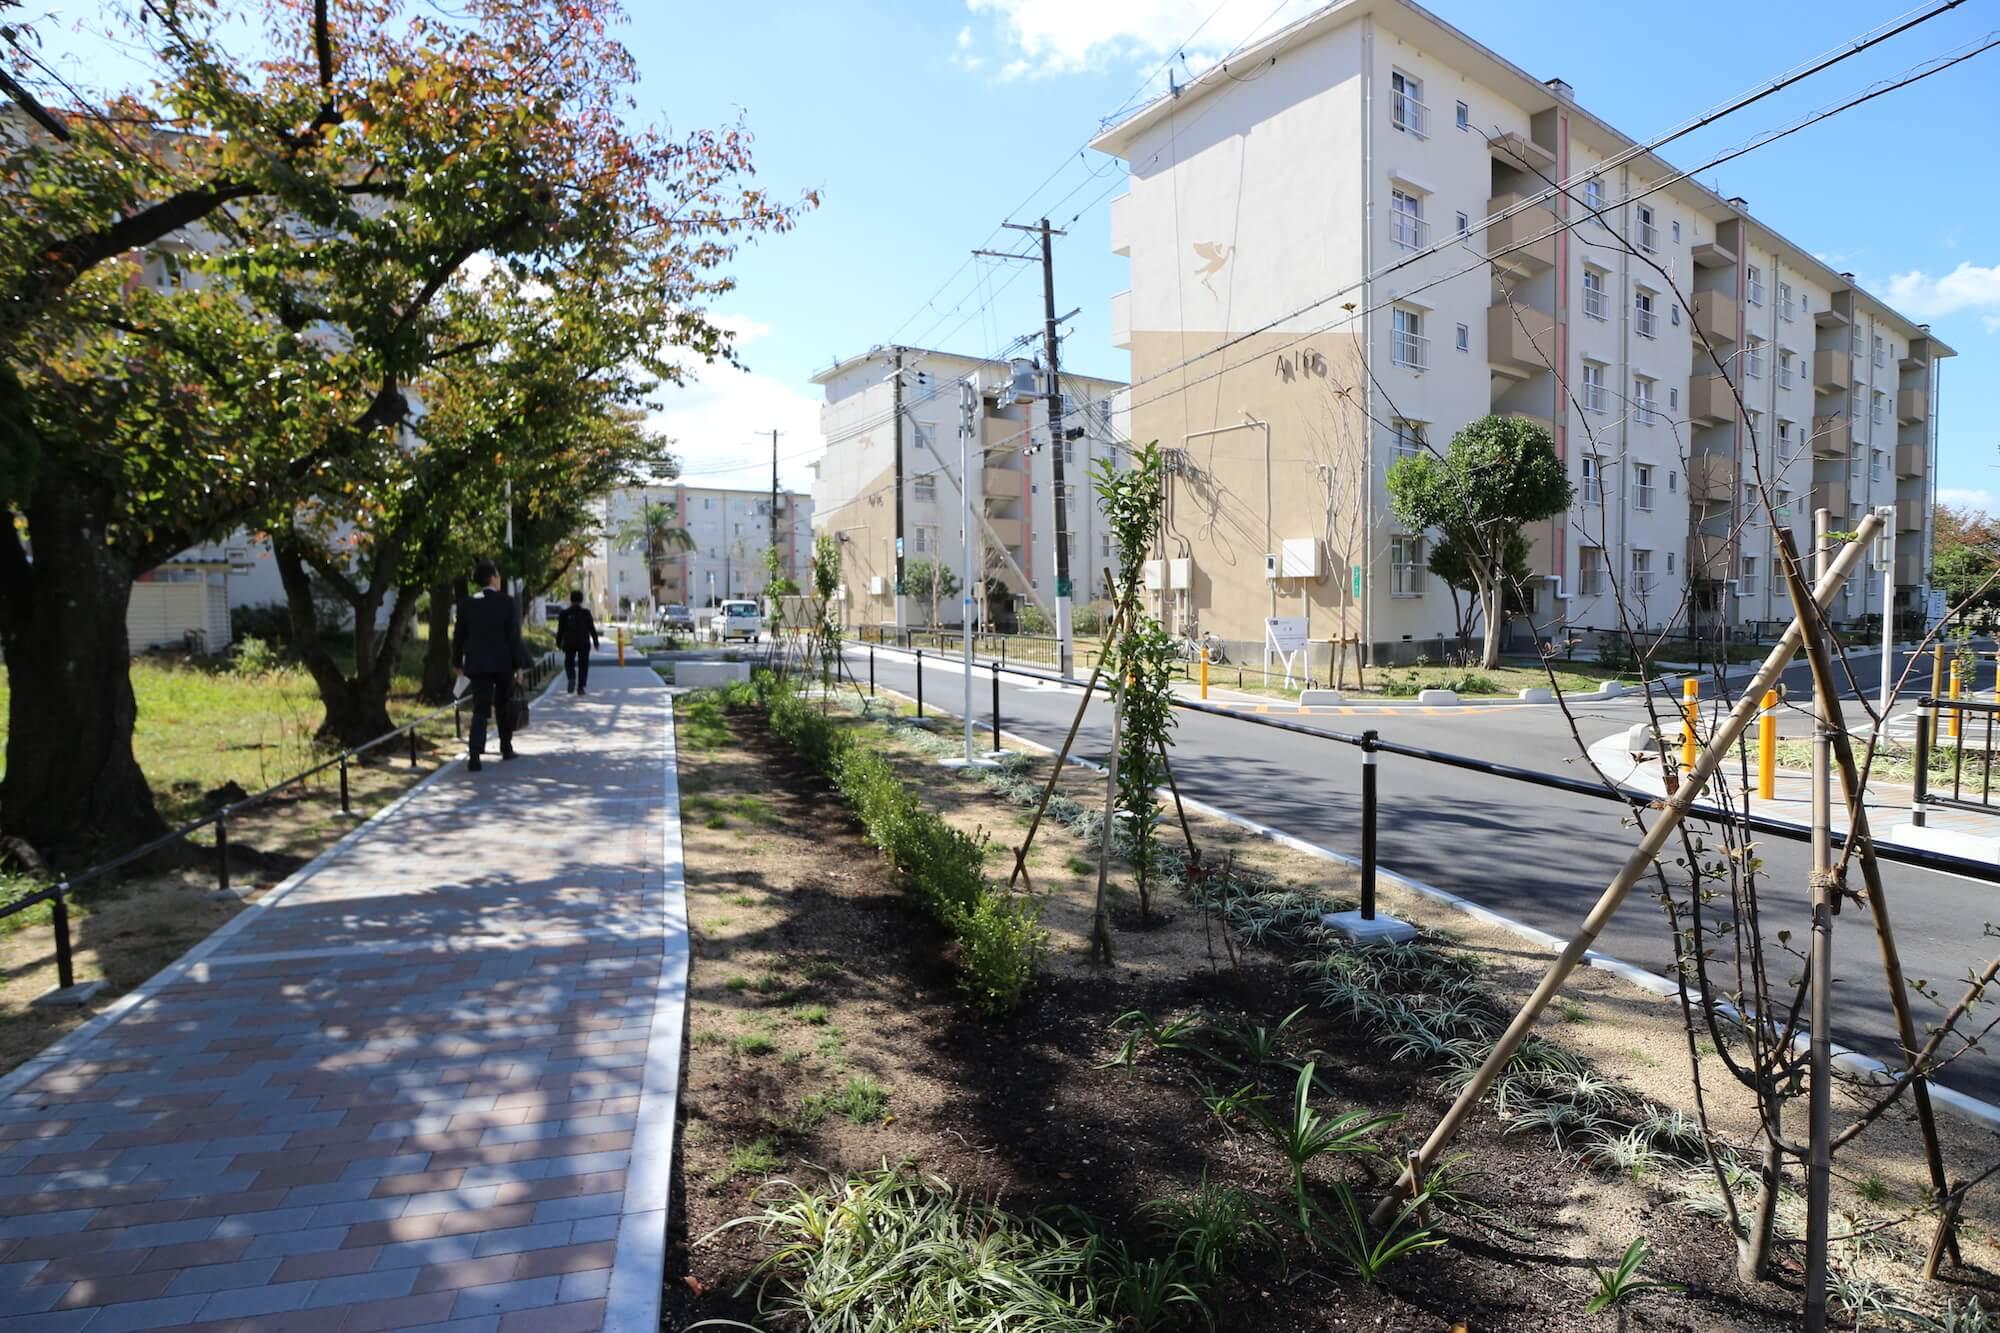 A棟エリアに26棟、B棟エリアに16棟が並ぶ、ビッグな団地。A棟エリアのゾーンは、歩道も新しく整備されています。「最近、アプローチや広場もリニューアルされて、雰囲気が良くなりました」と松尾さん。